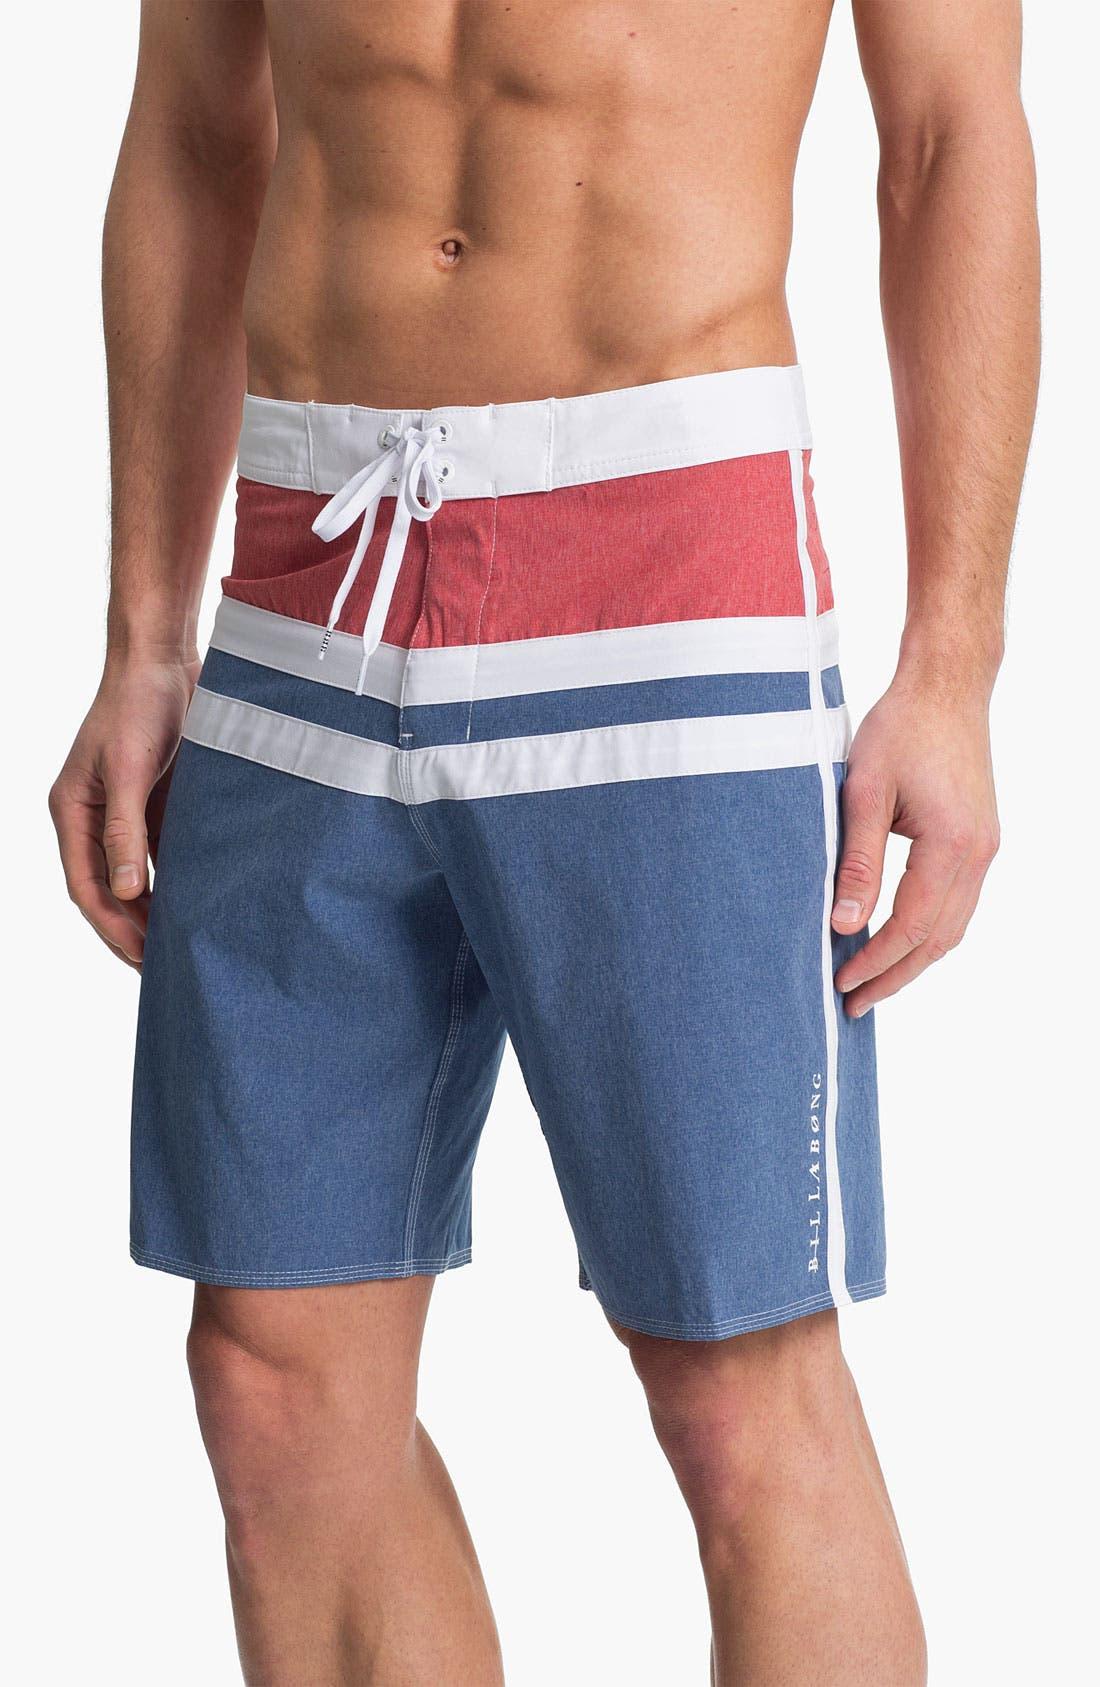 Main Image - Billabong 'Mute' Board Shorts